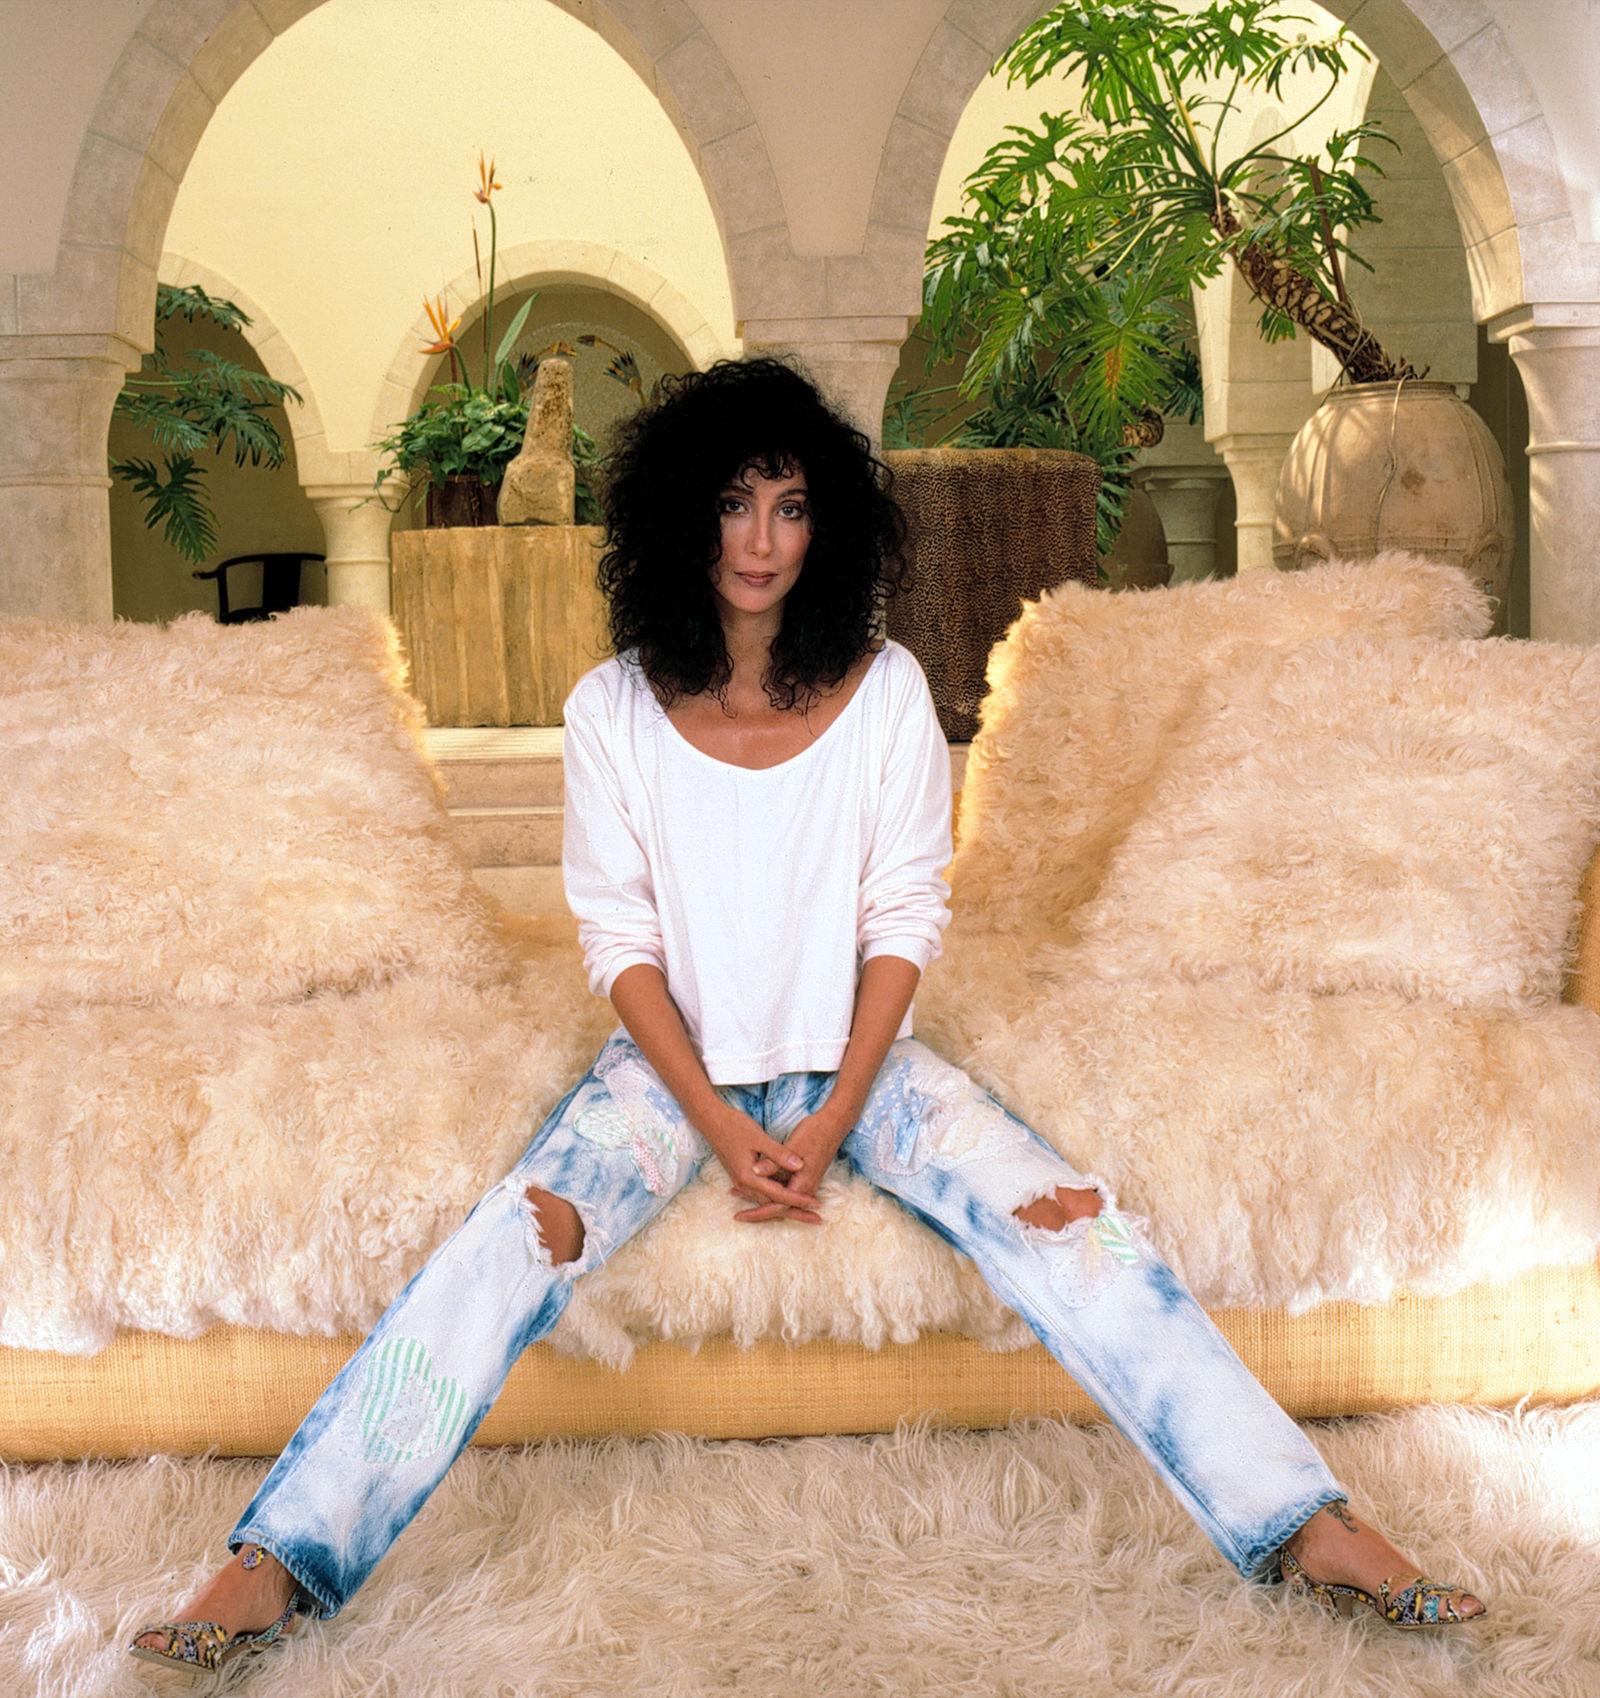 Певица Шер в джинсах-варенках, 1987.